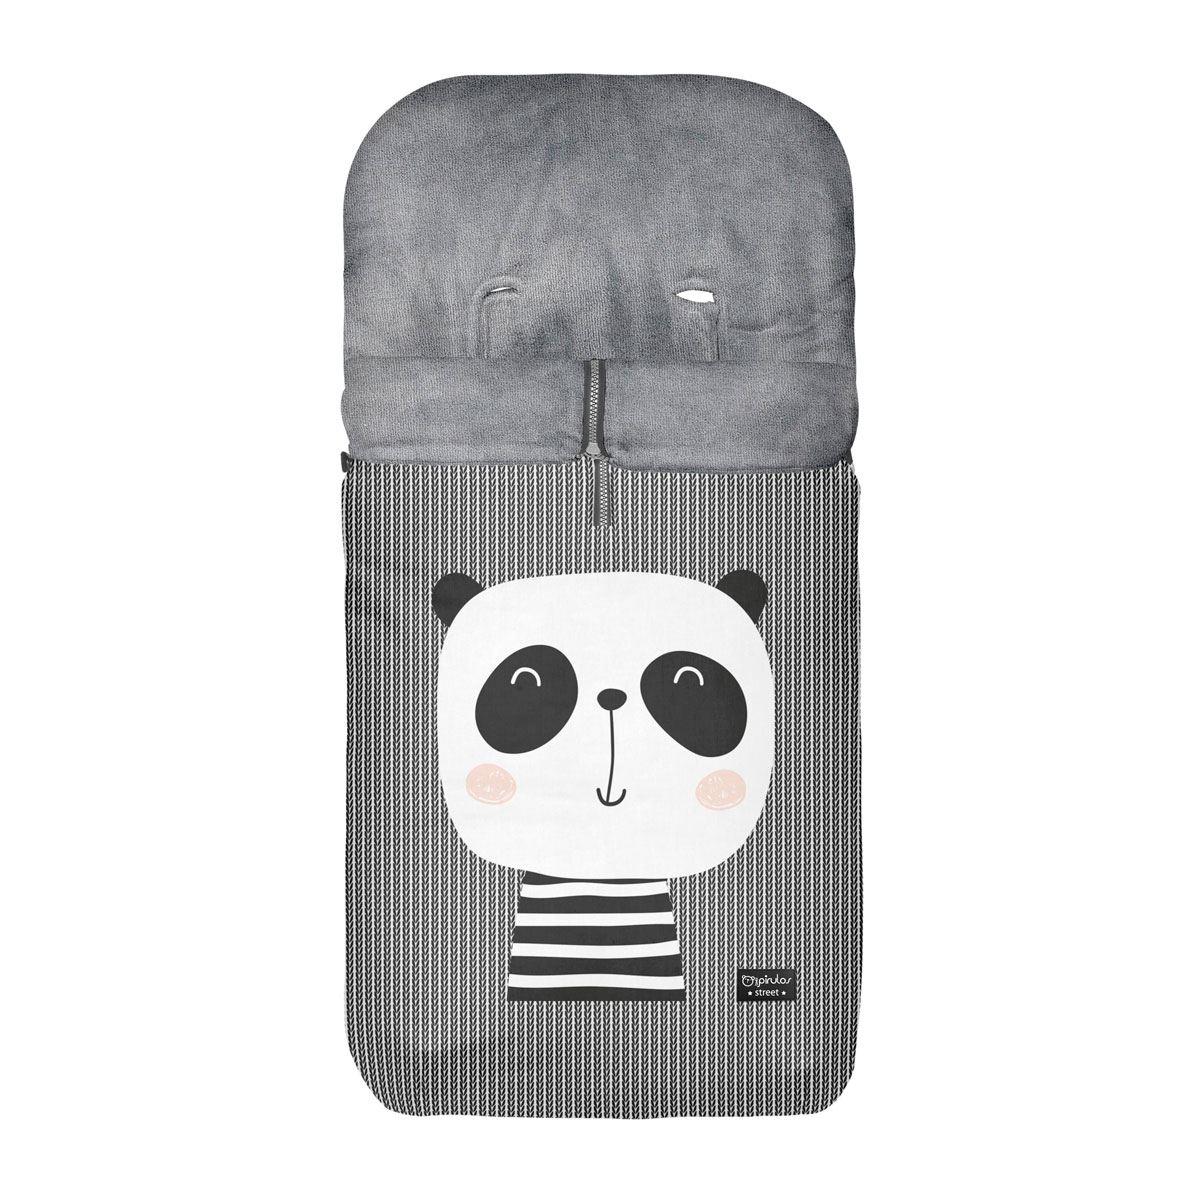 Saco Silla polar Oso Panda  Bimbipirulos